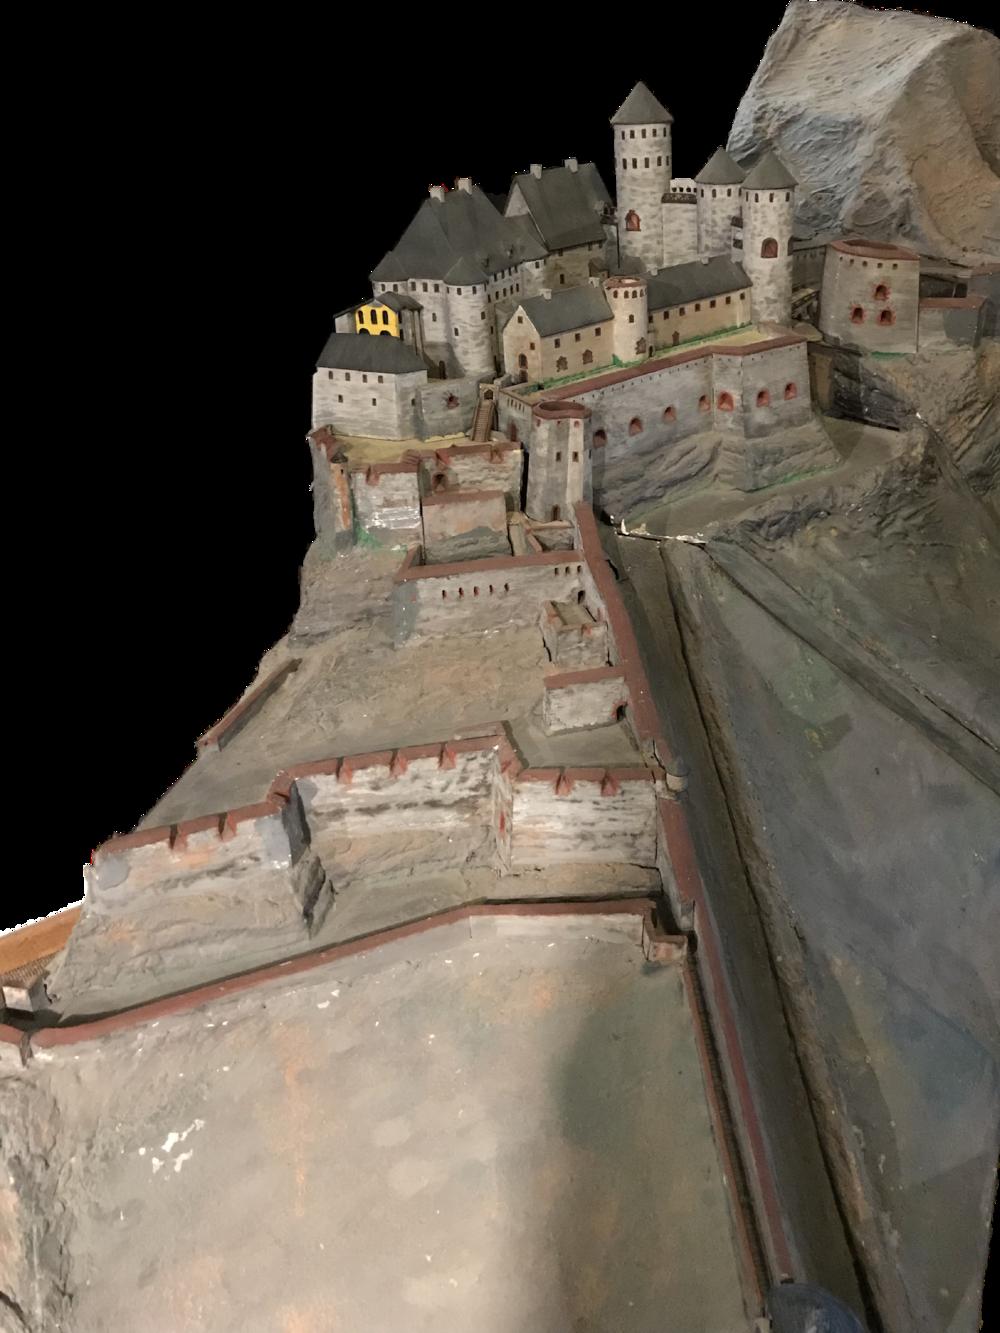 Modell der Grevenburg. Das gelb markierte sind die heute erhaltenen Überreste nach der Sprengung der Franzosen 1734.